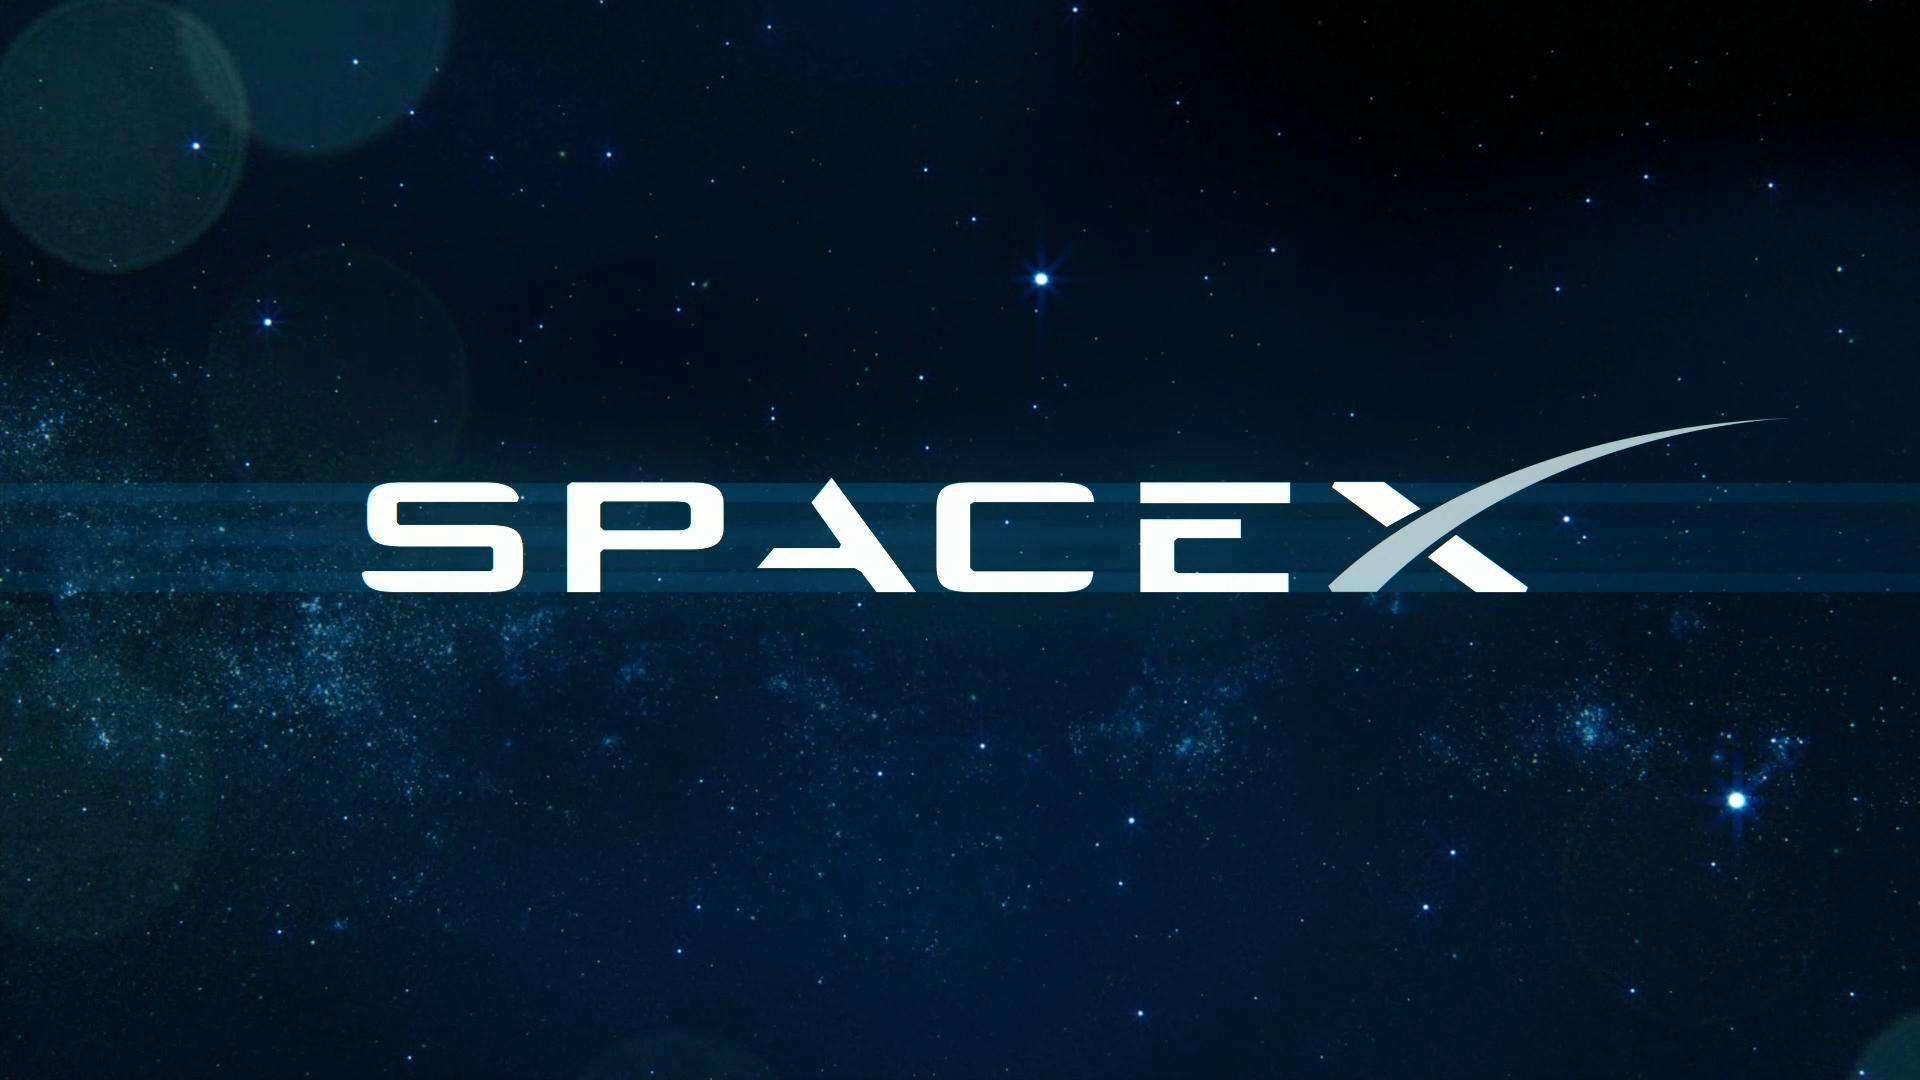 일론 머스크의 위대한 도전, 스페이스X